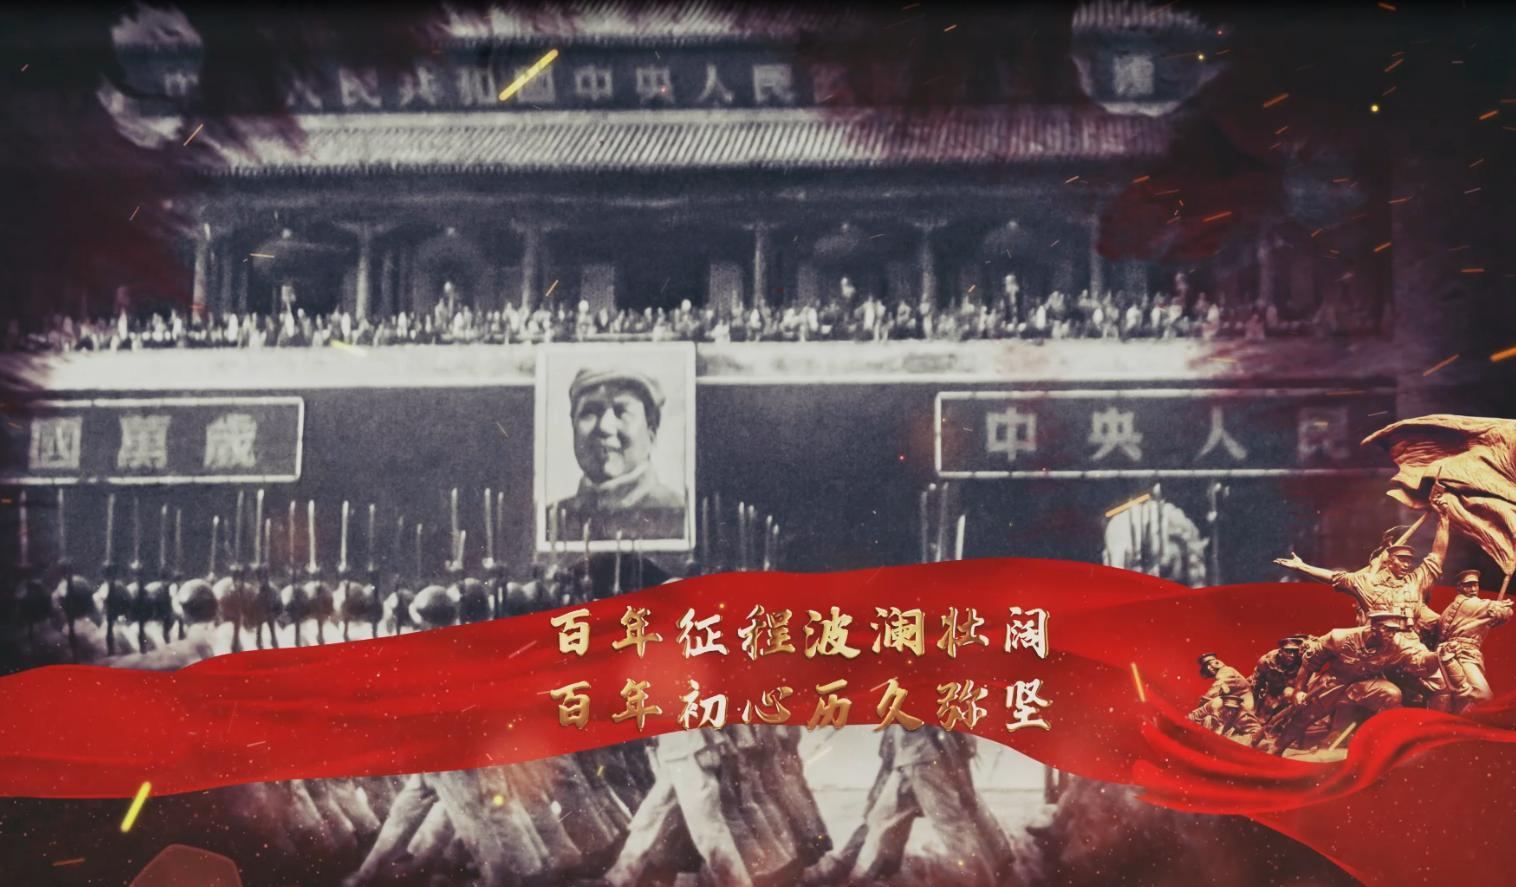 老兵永远跟党走 烟台退役军人王军:参加革命73年 继续向着100年辉煌奋斗